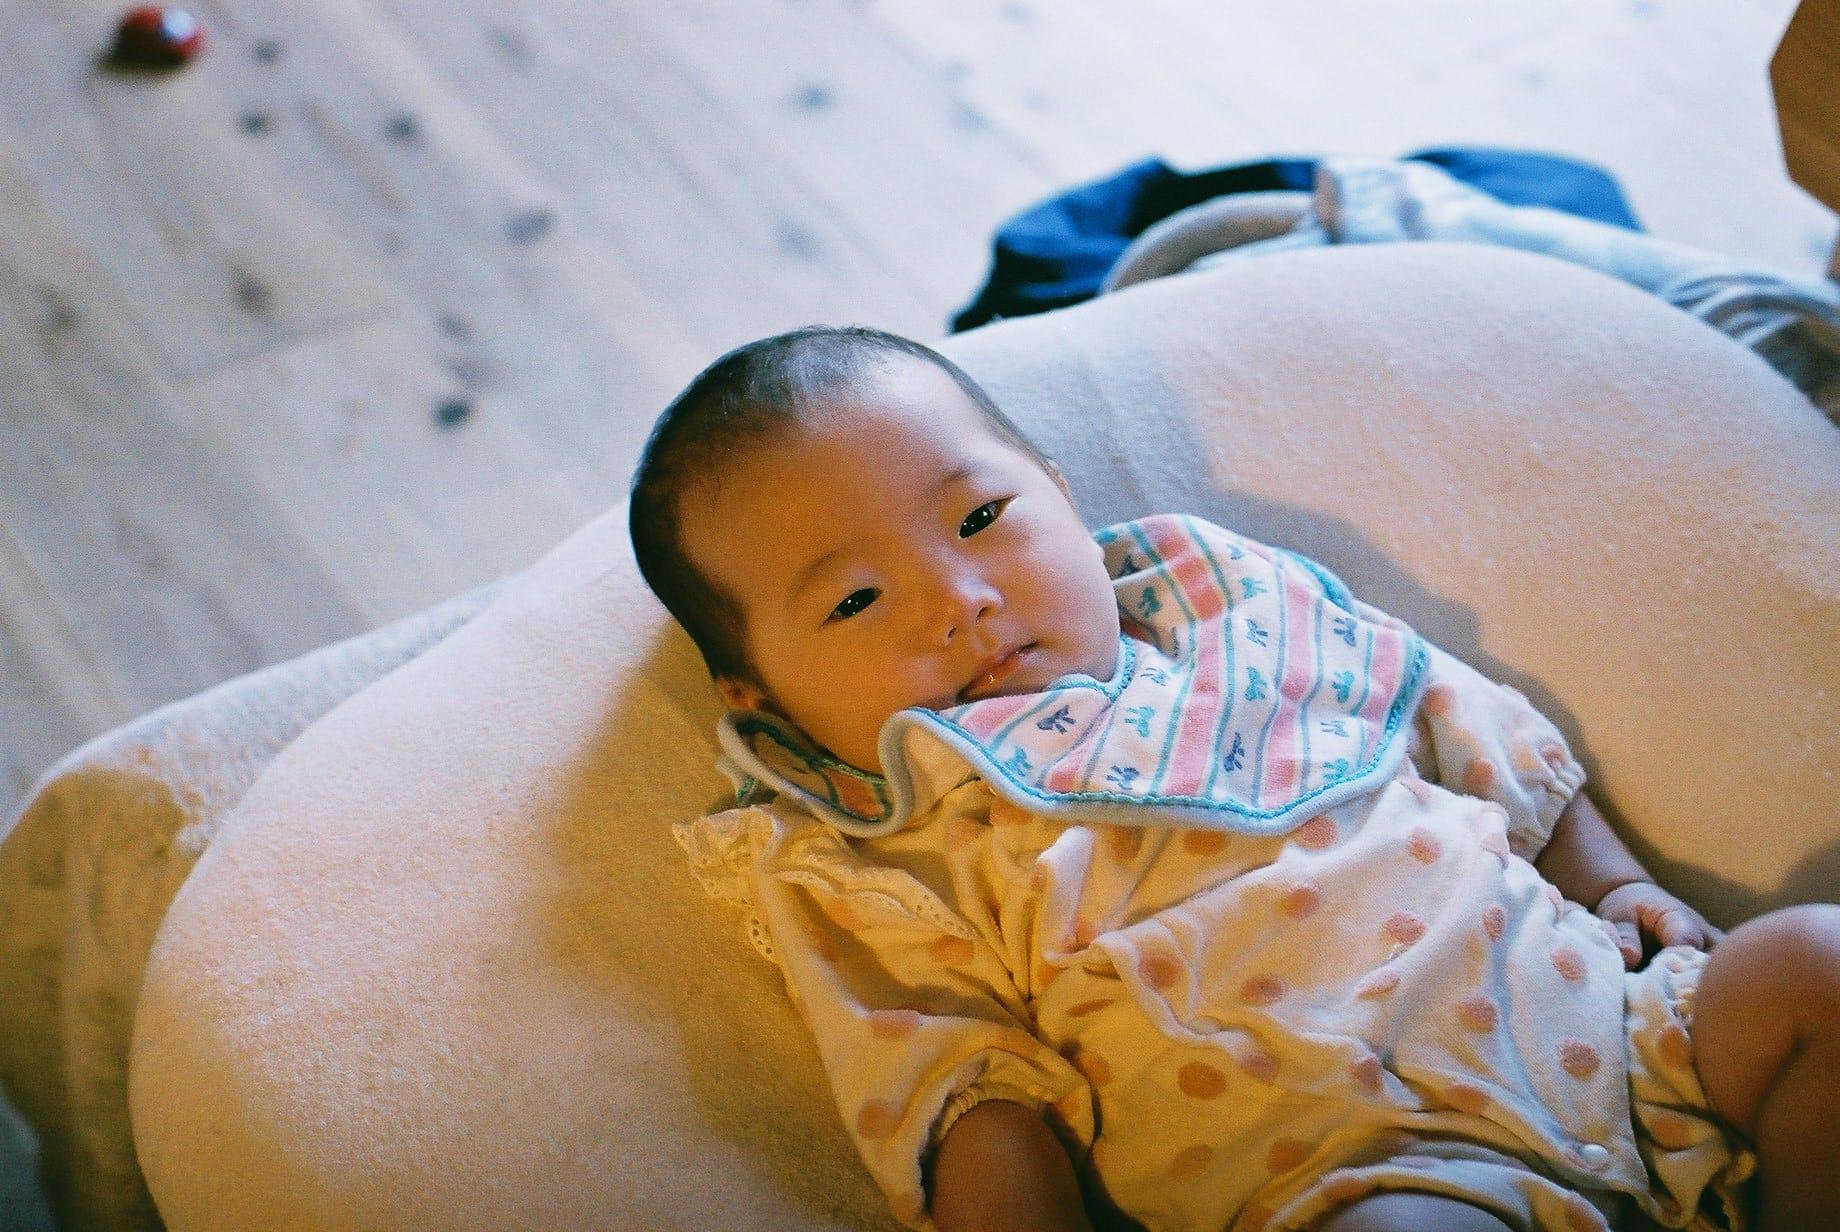 長女の知歩ちゃん。生後3ヶ月半の知歩ちゃんは、日に日にお兄ちゃんの耕生くんに似てきているそう。